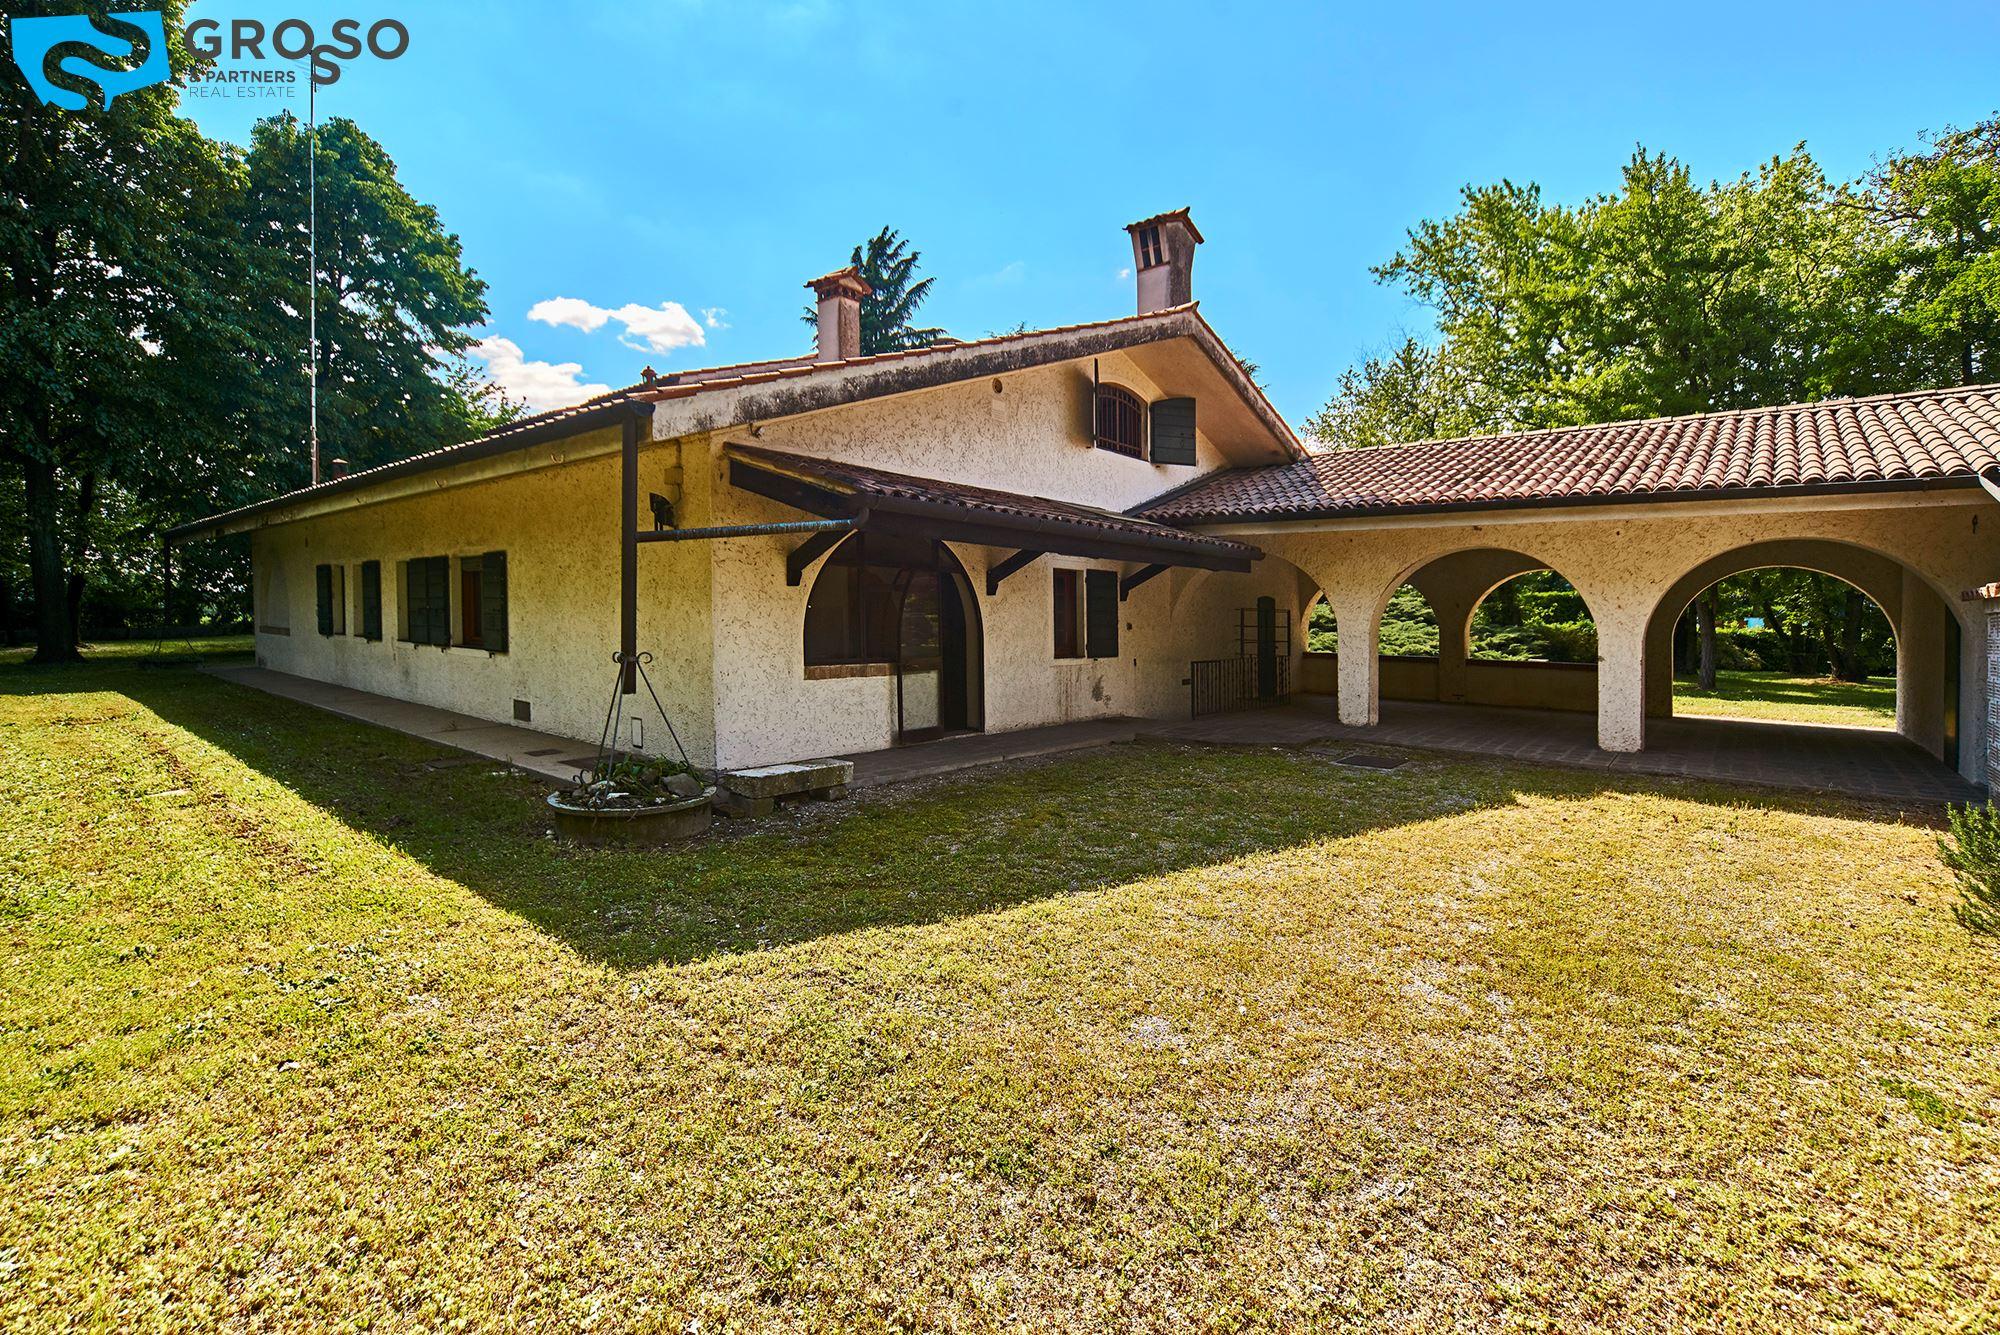 Vendita casa singola a ponzano veneto grosso partners for Case in vendita